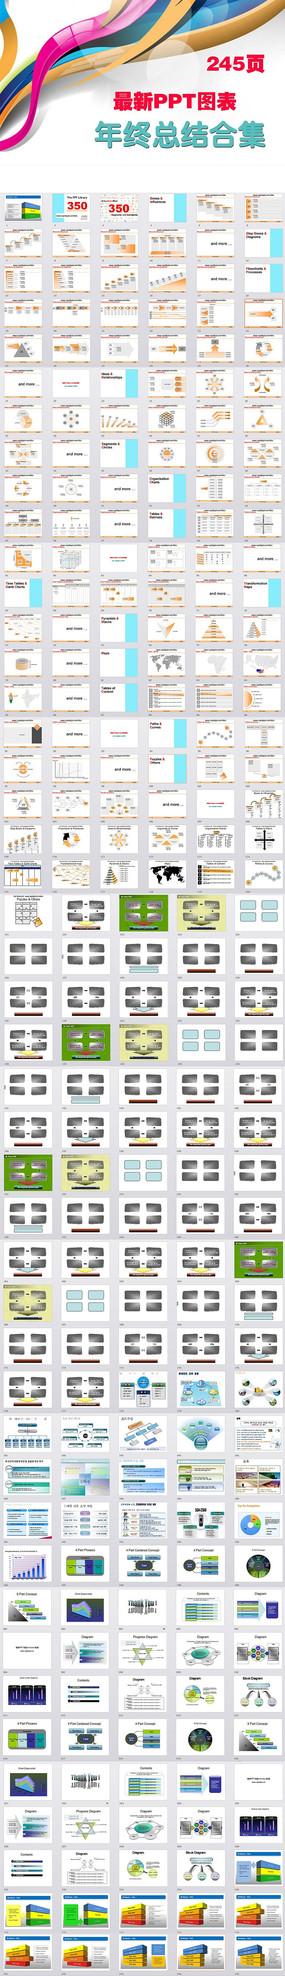 PPT图表打包下载图片下载PPT表格 ppt